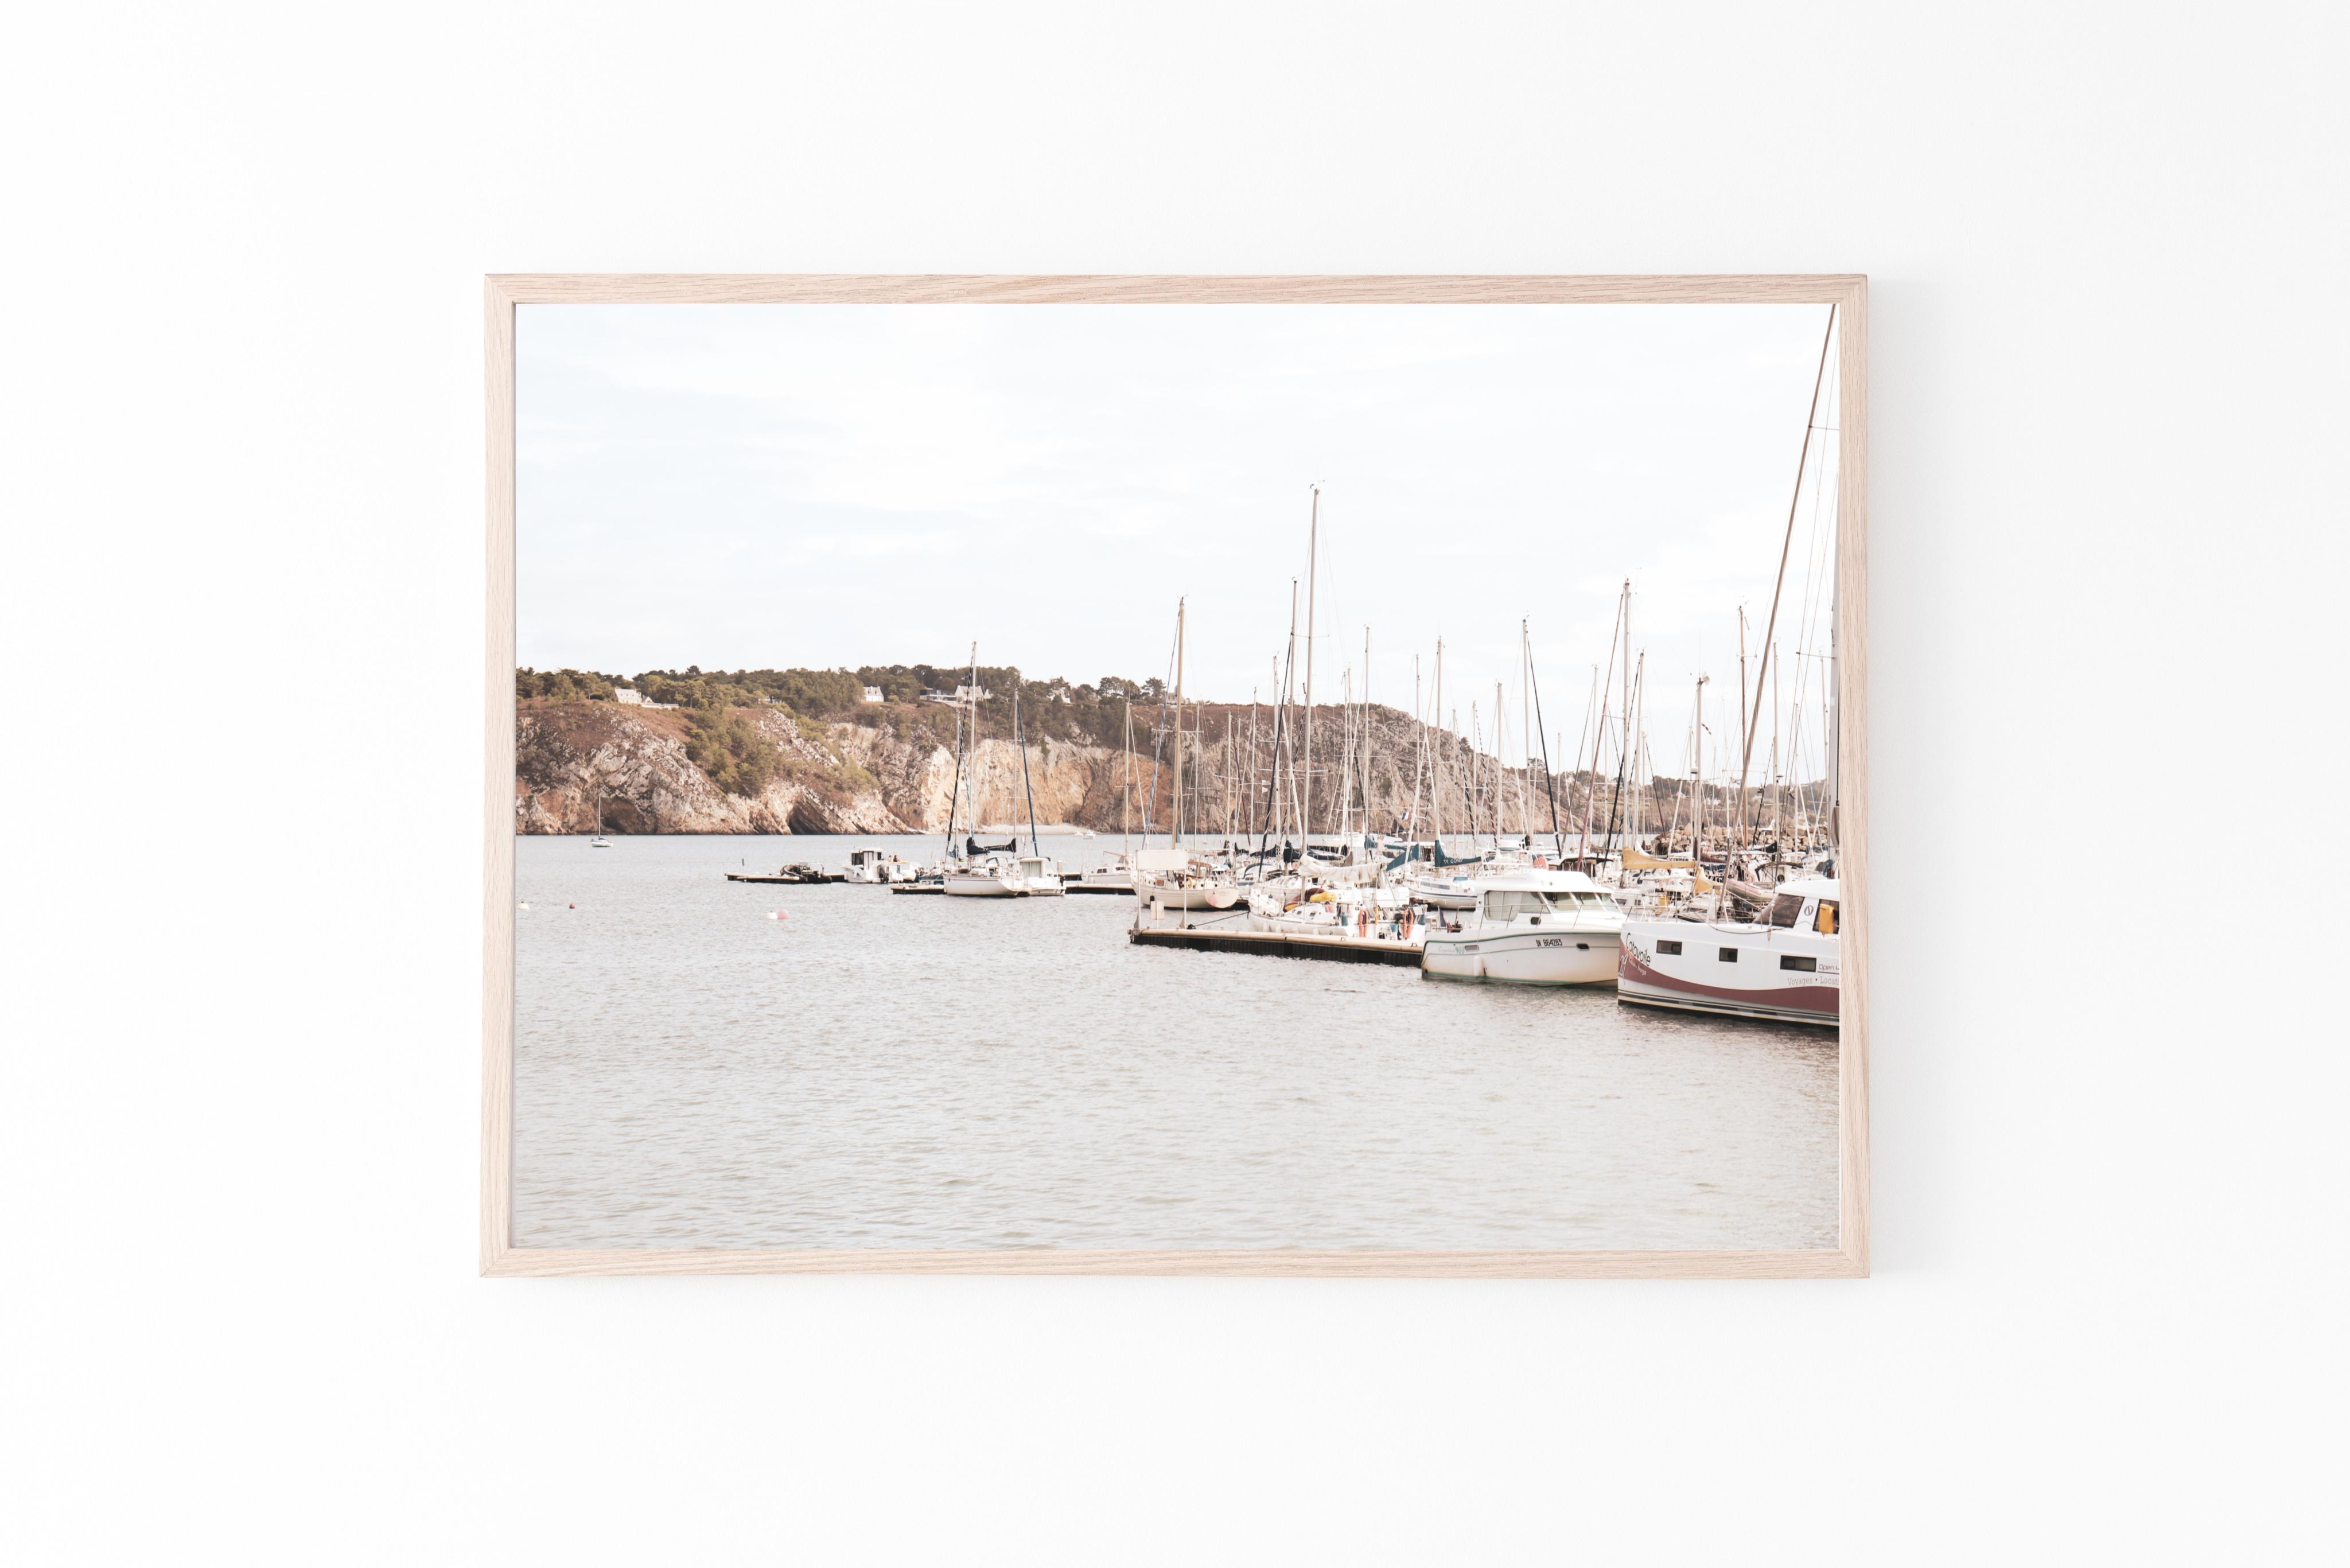 france brittany sail boats wall print